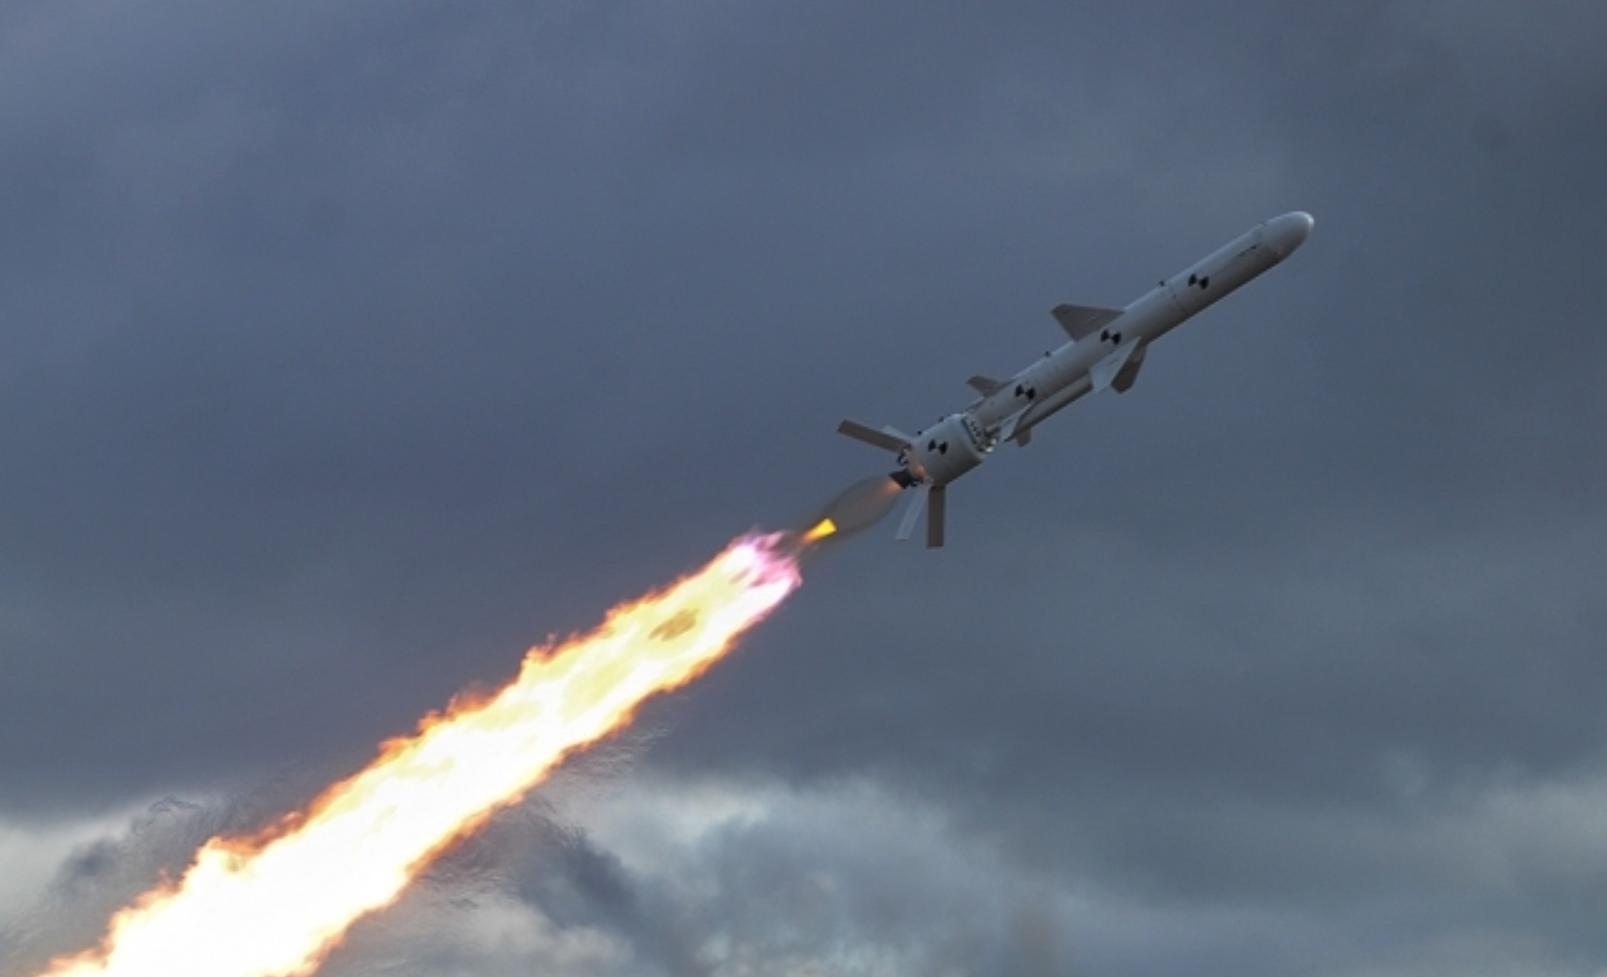 V Ukraїni vperše vyprobuvaly krylatu raketu vlasnogo vyrobnyctva